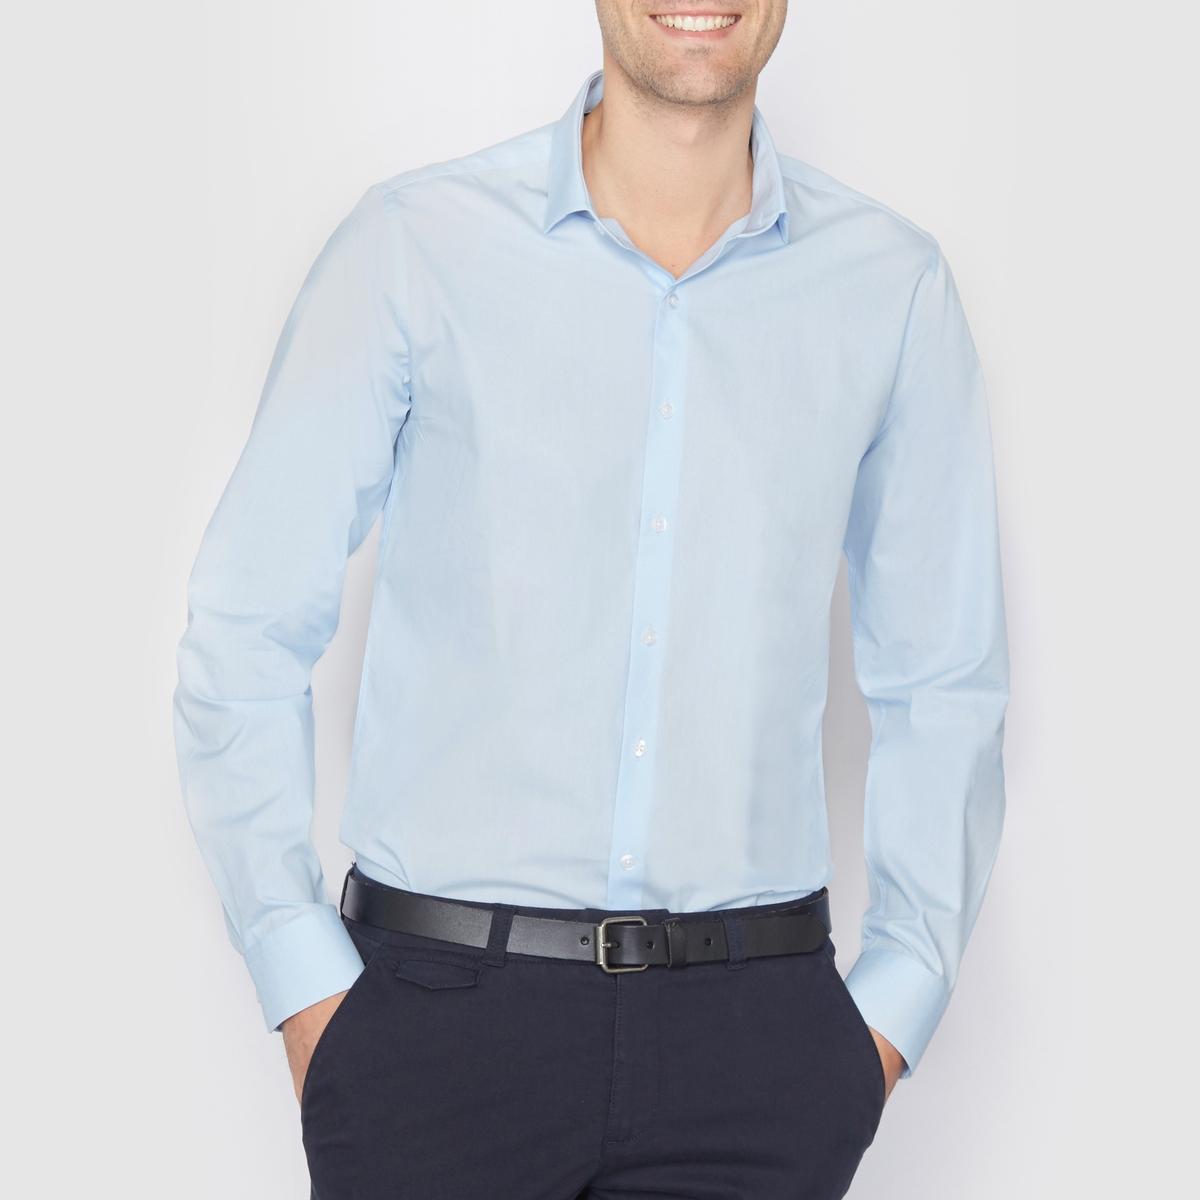 Рубашка прямого покроя с длинными рукавами, 100% хлопокРубашка из поплина, 100% хлопок. Прямой покрой. Длинные рукава. Воротник со свободными уголками. Длина 77 см.<br><br>Цвет: небесно-голубой,темно-синий<br>Размер: 37/38.35/36.35/36